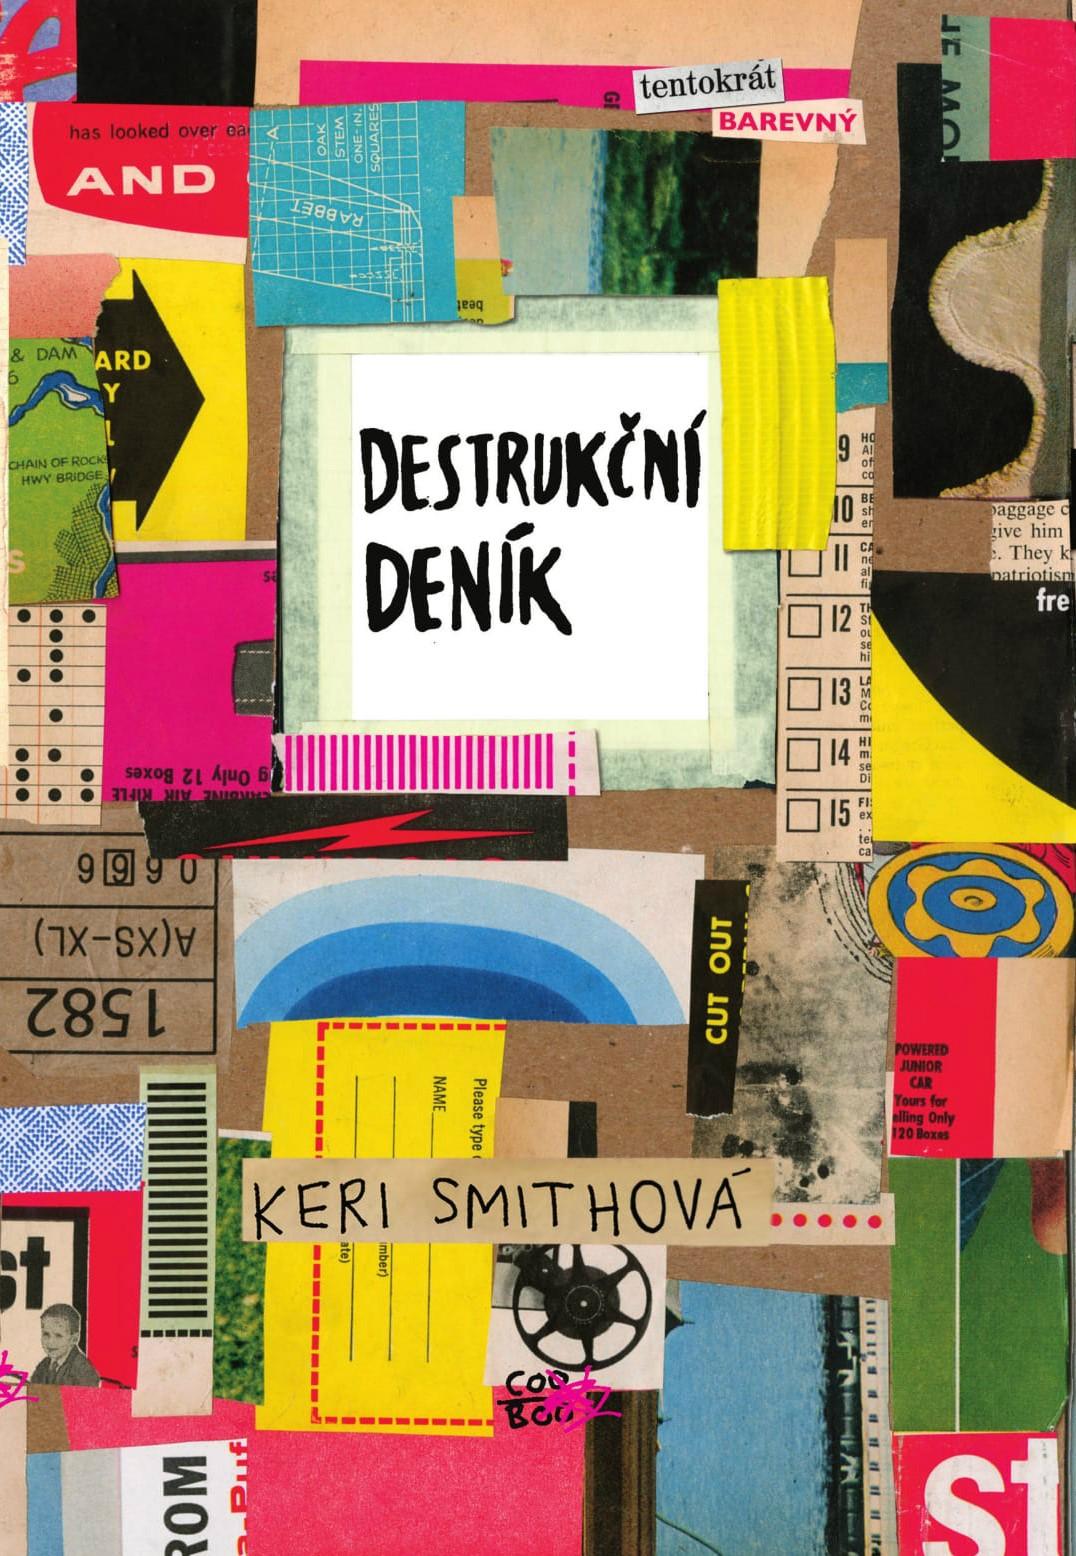 Destrukční deník: Tentokrát barevně | Keri Smithová